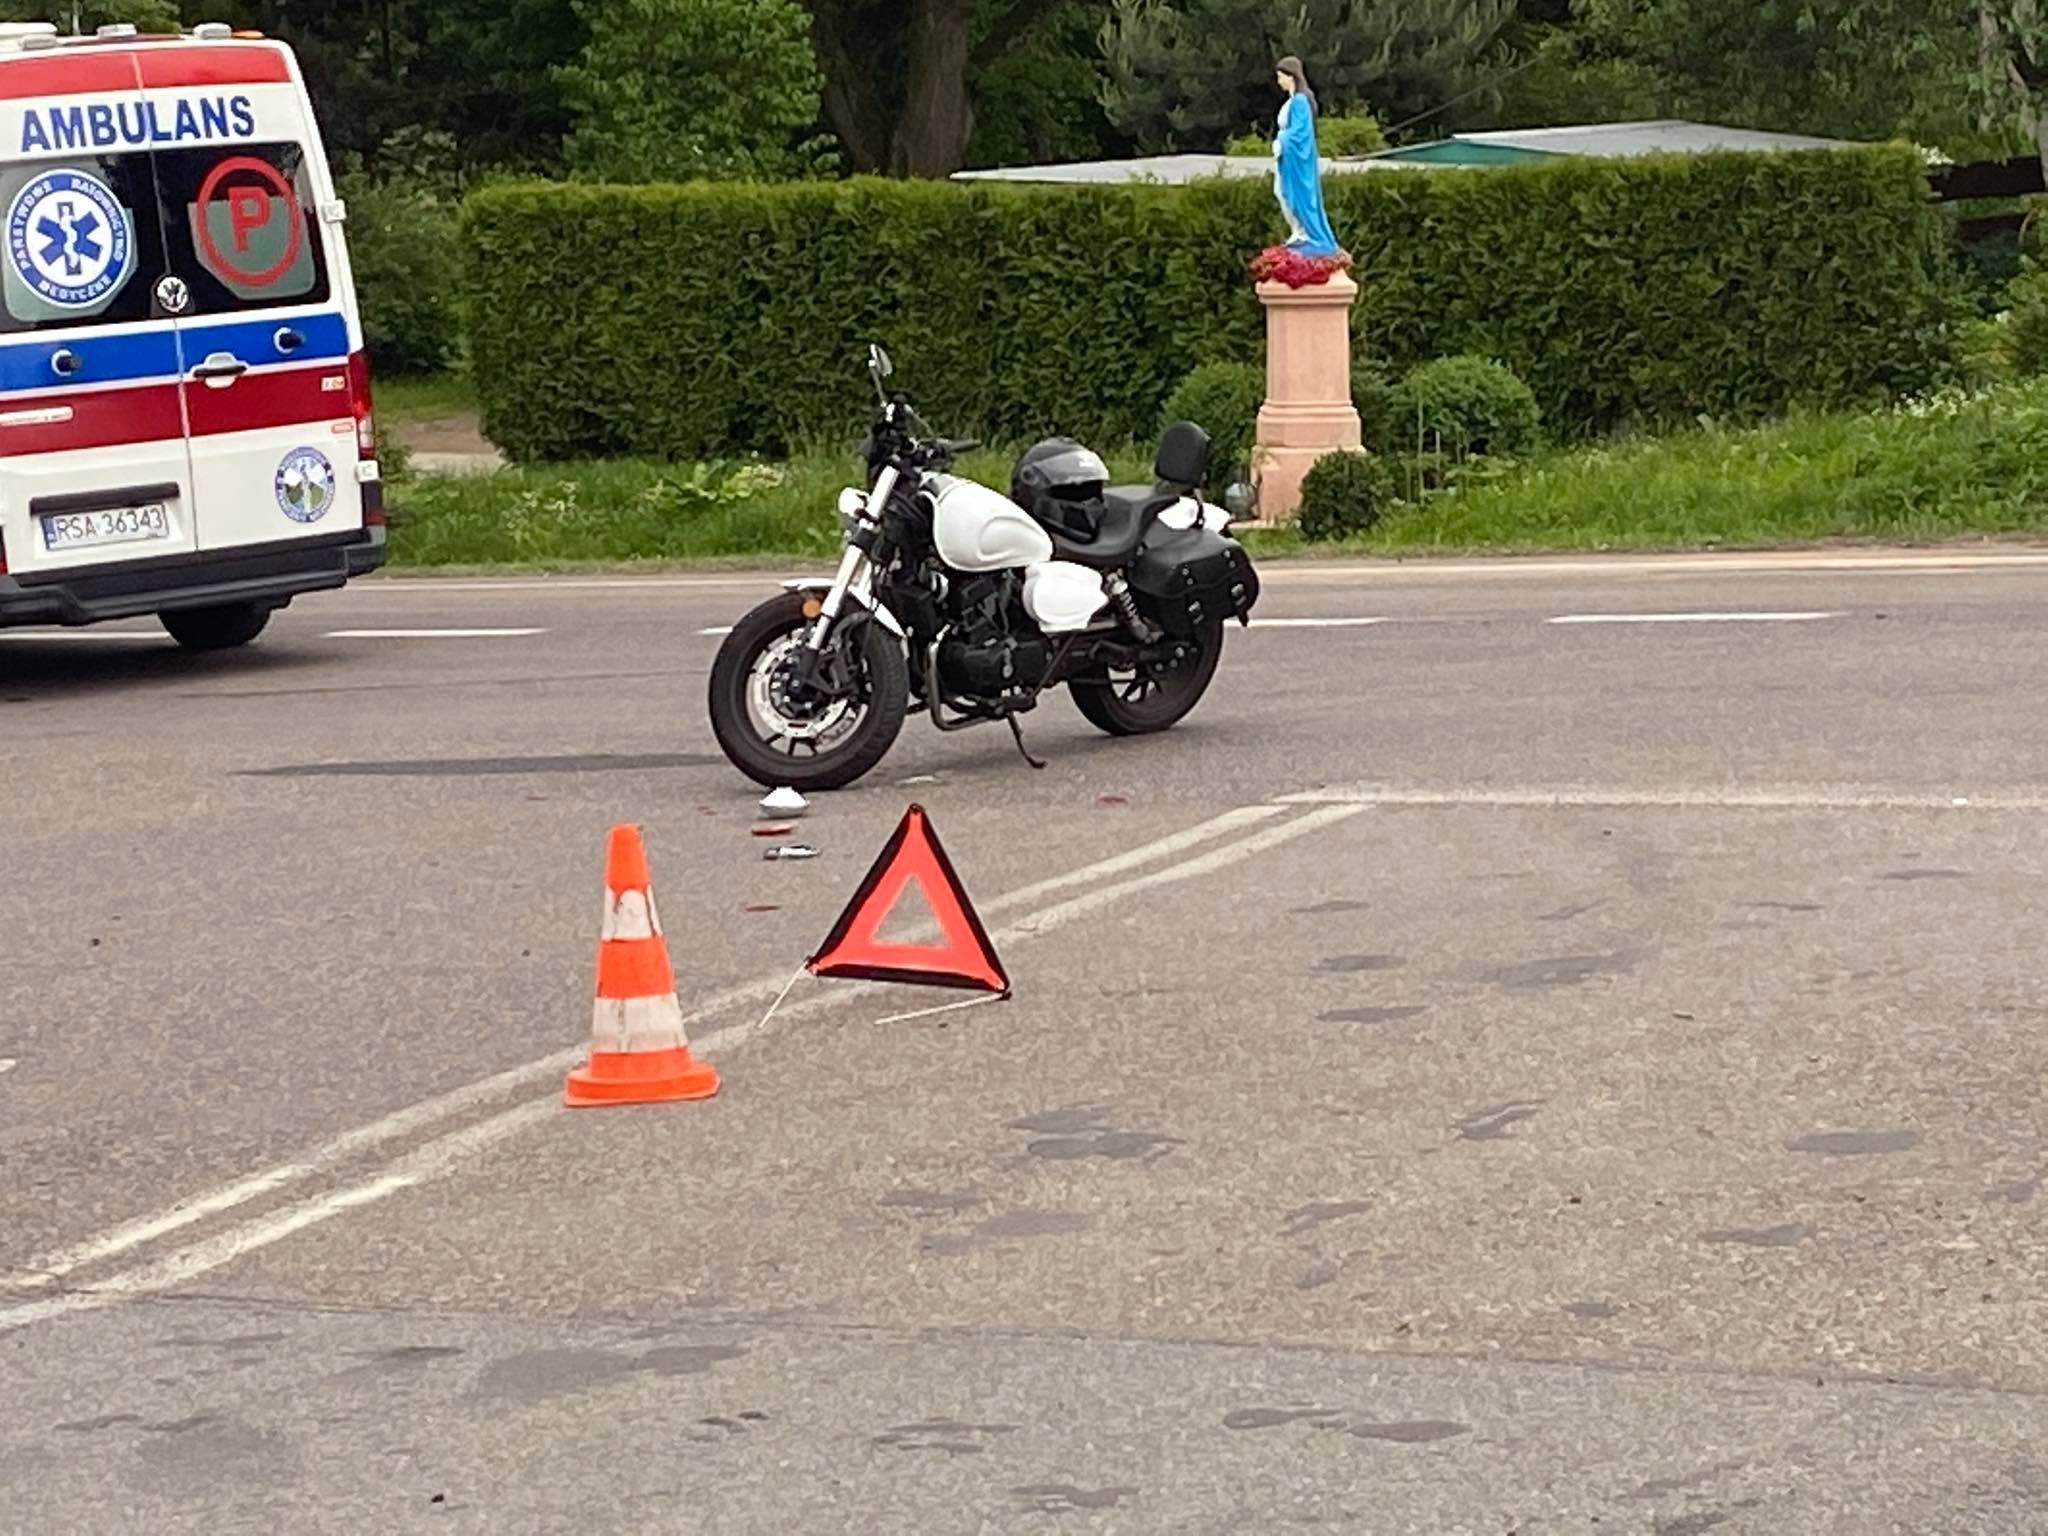 JUROWCE: Wypadek z udziałem motocyklisty [FOTO] - Zdjęcie główne